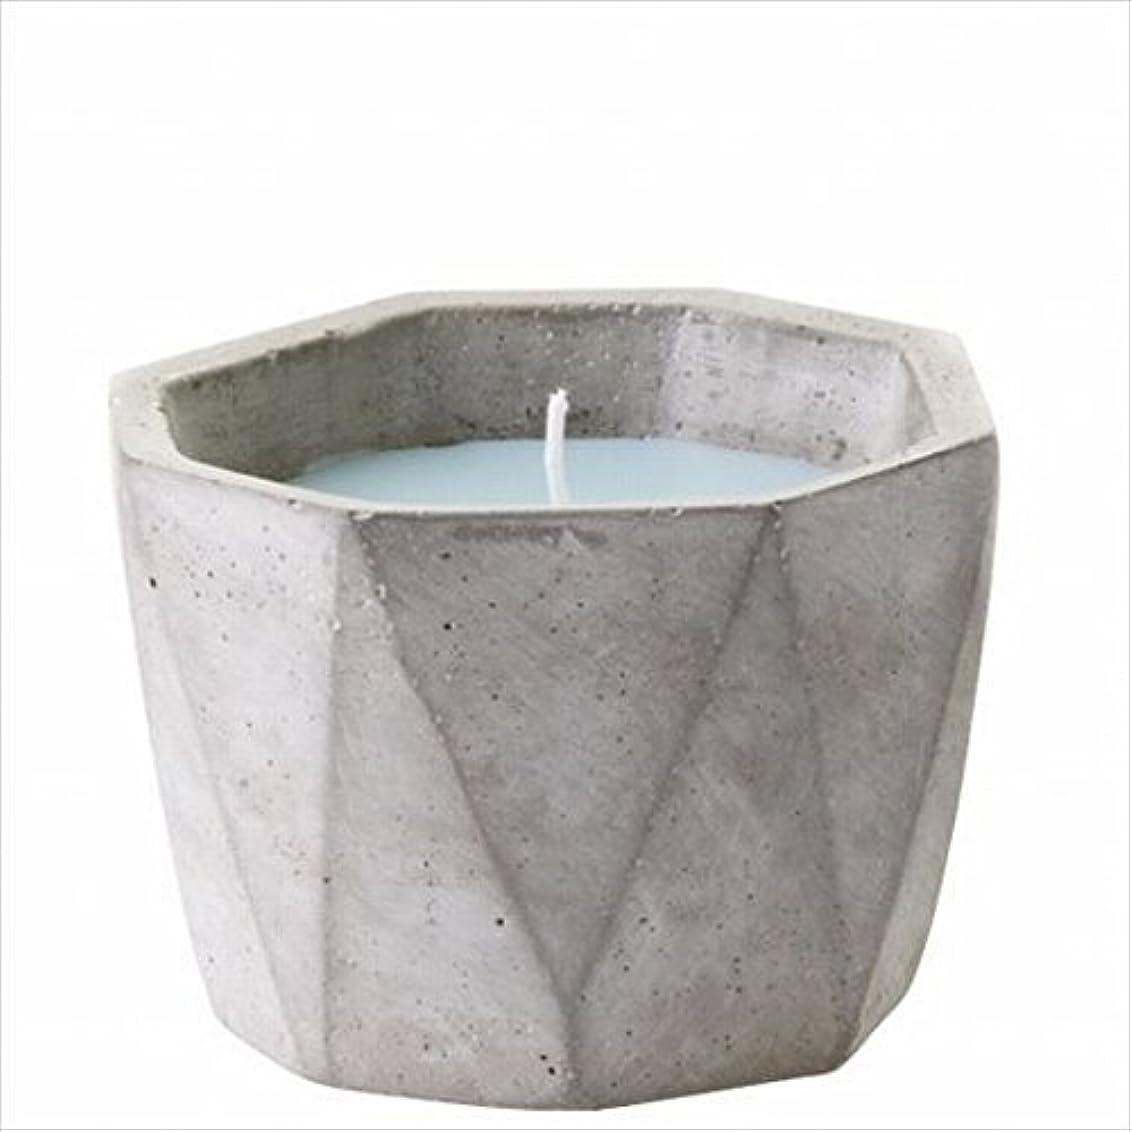 一回スリル花カメヤマキャンドル(kameyama candle) POiNT A LA LiGNE セメントポットセンティッドキャンドル 「 モックオレンジミント 」